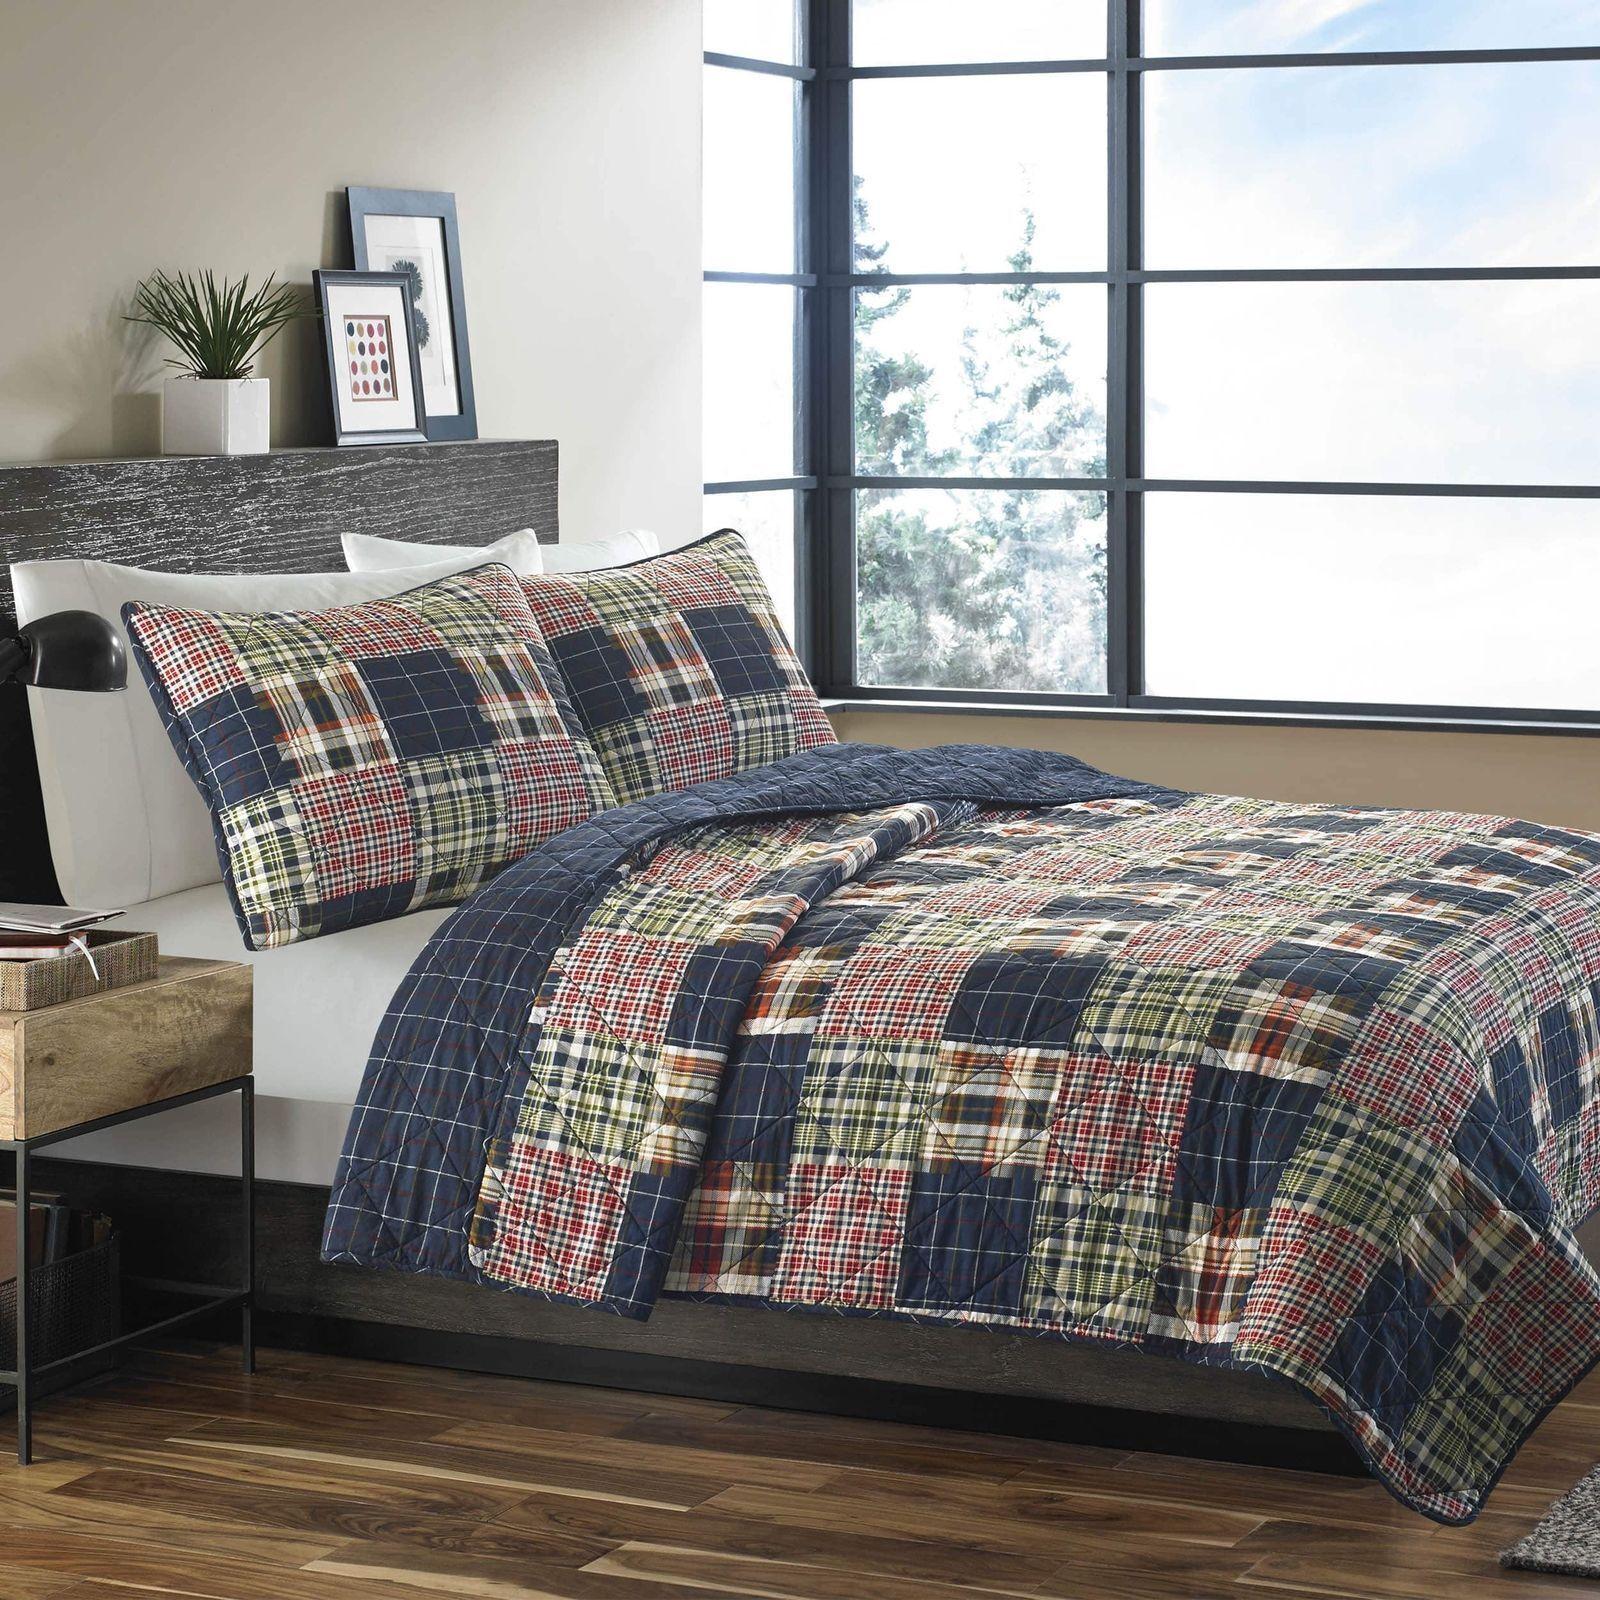 Eddie Bauer 3-PC Cotton Reversible Patchwork Pattern Bedspread, Quilt Set Queen